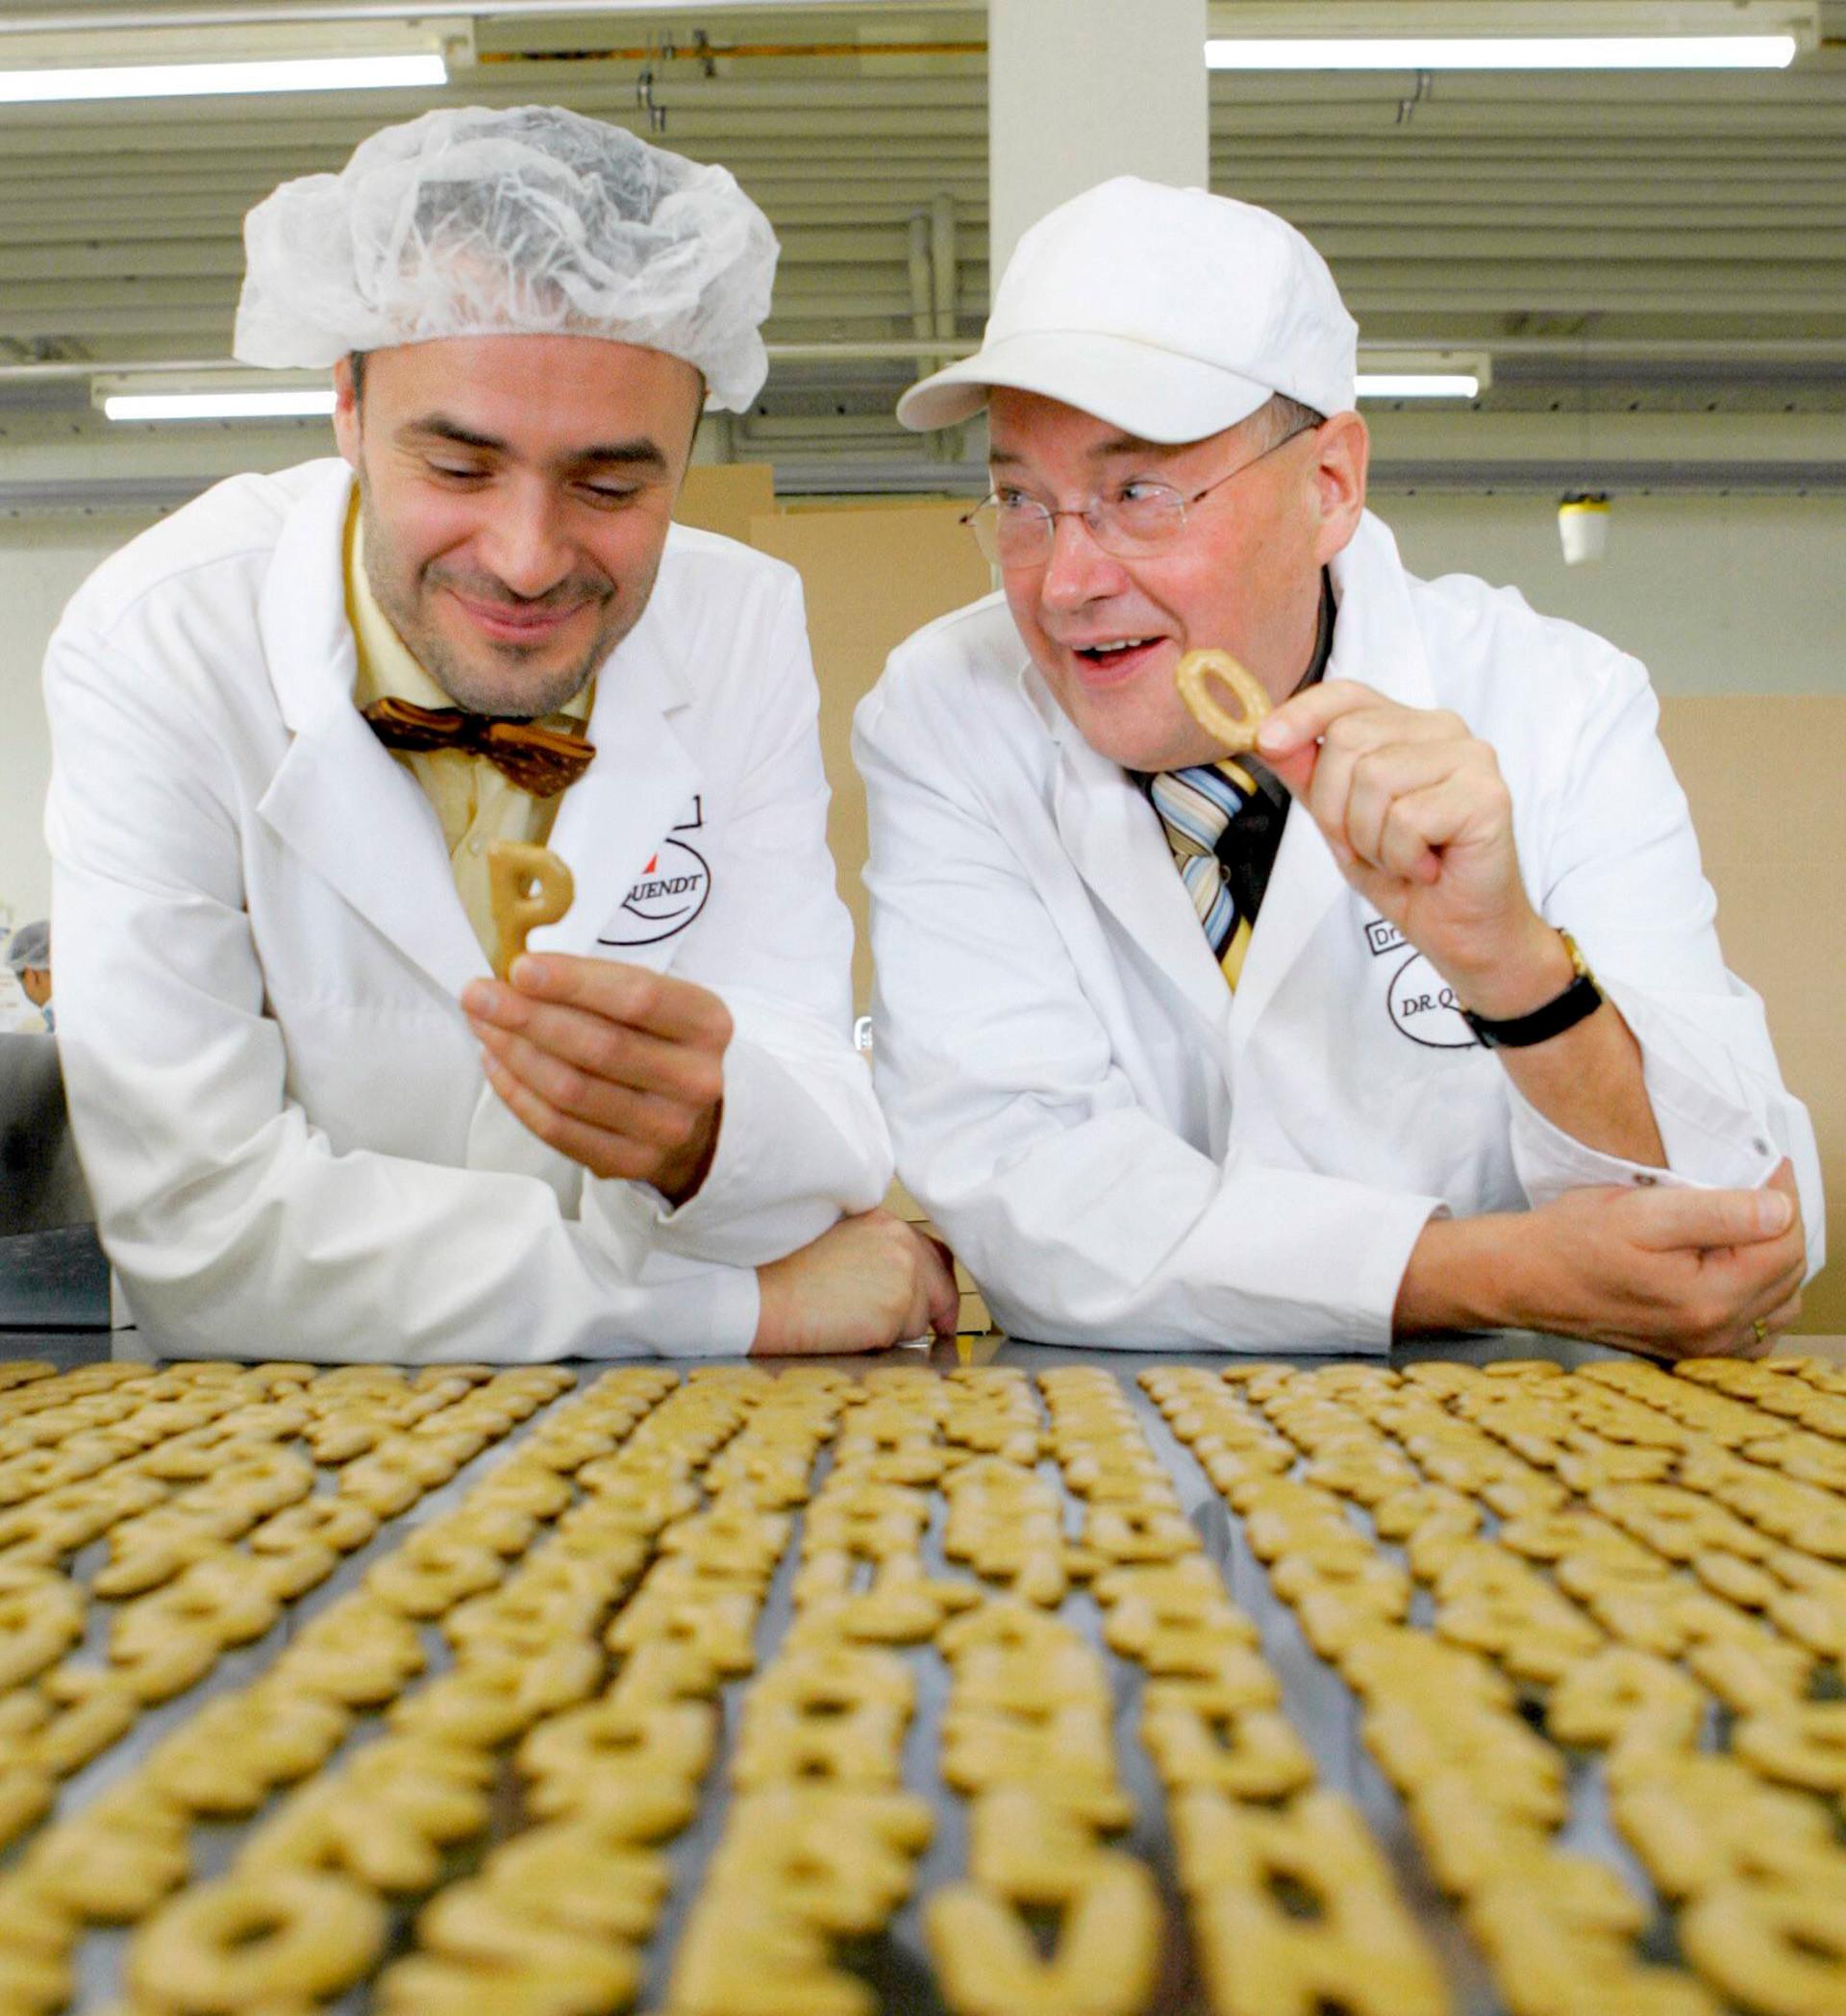 Pão feito na Alemanha era originalmente chamado